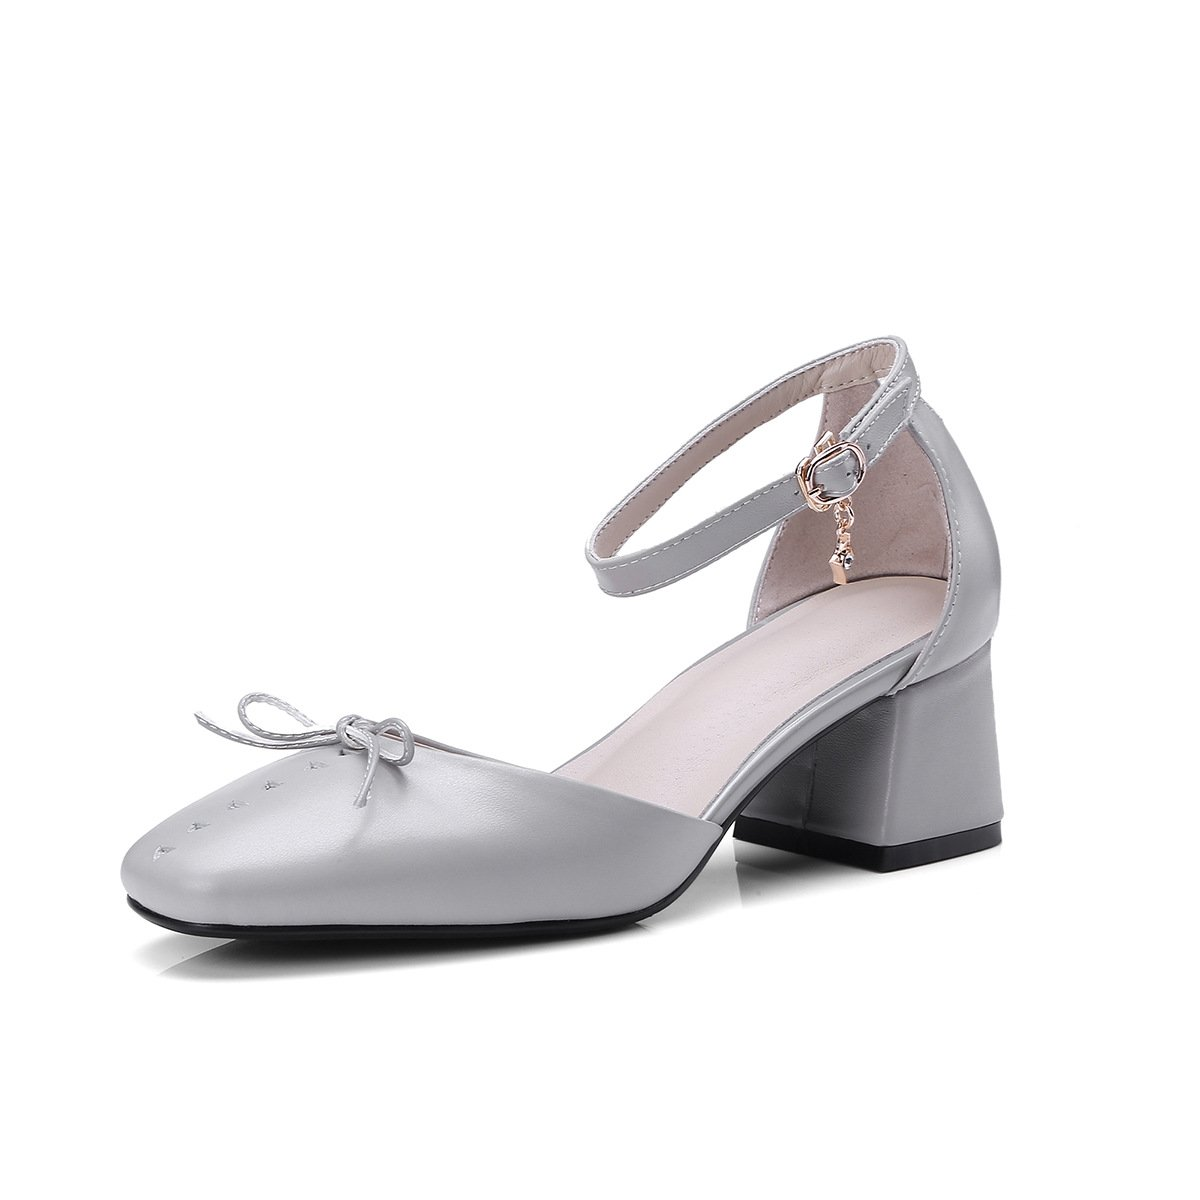 JING Sandales B06XGS4N55 Sandales féminines Chaussures JING Femmes Cuir Creux Doux tirant à Créneaux en Noeud Papillon à la Taille de l audacieuse Femme Code Sandales gray 49cac7a - epictionpvp.space